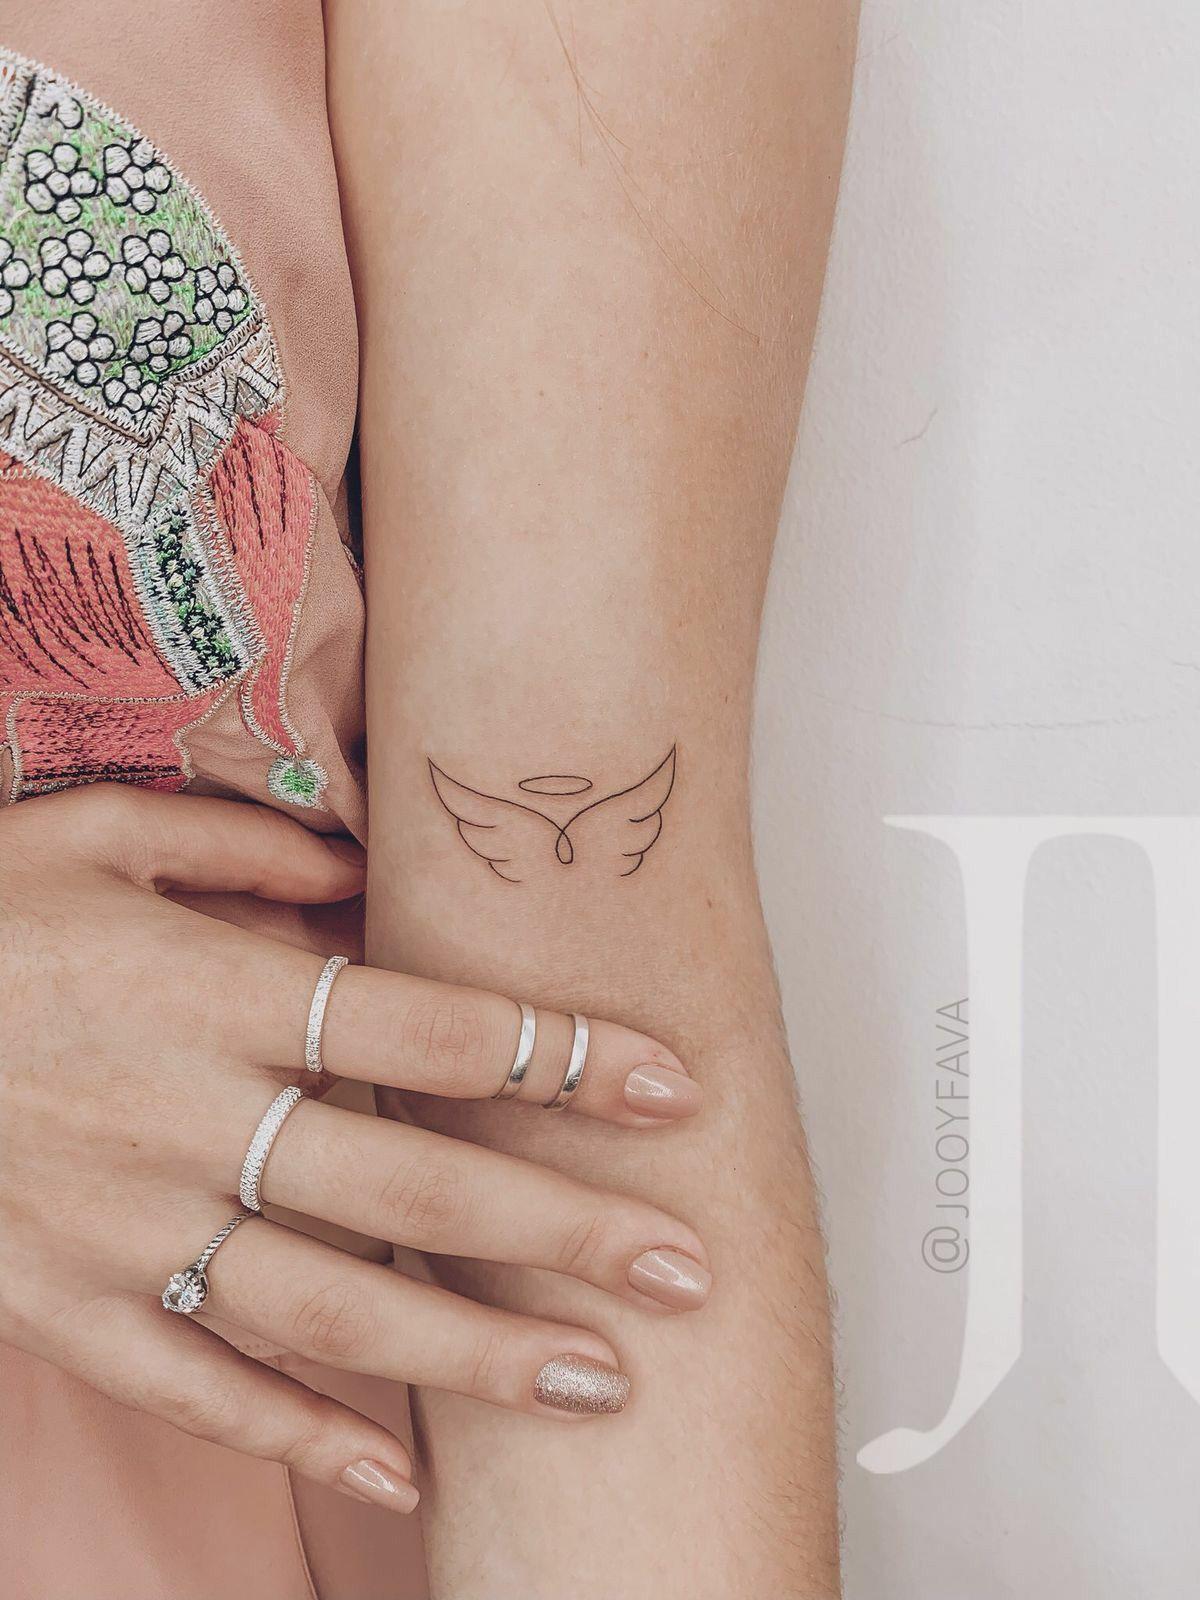 Tattoo Meaningfultattoos Tattoo Tumblr Ideas Ispirazioni Tattoo In 2020 Tiny Tattoos For Girls Think Tattoo Tattoos